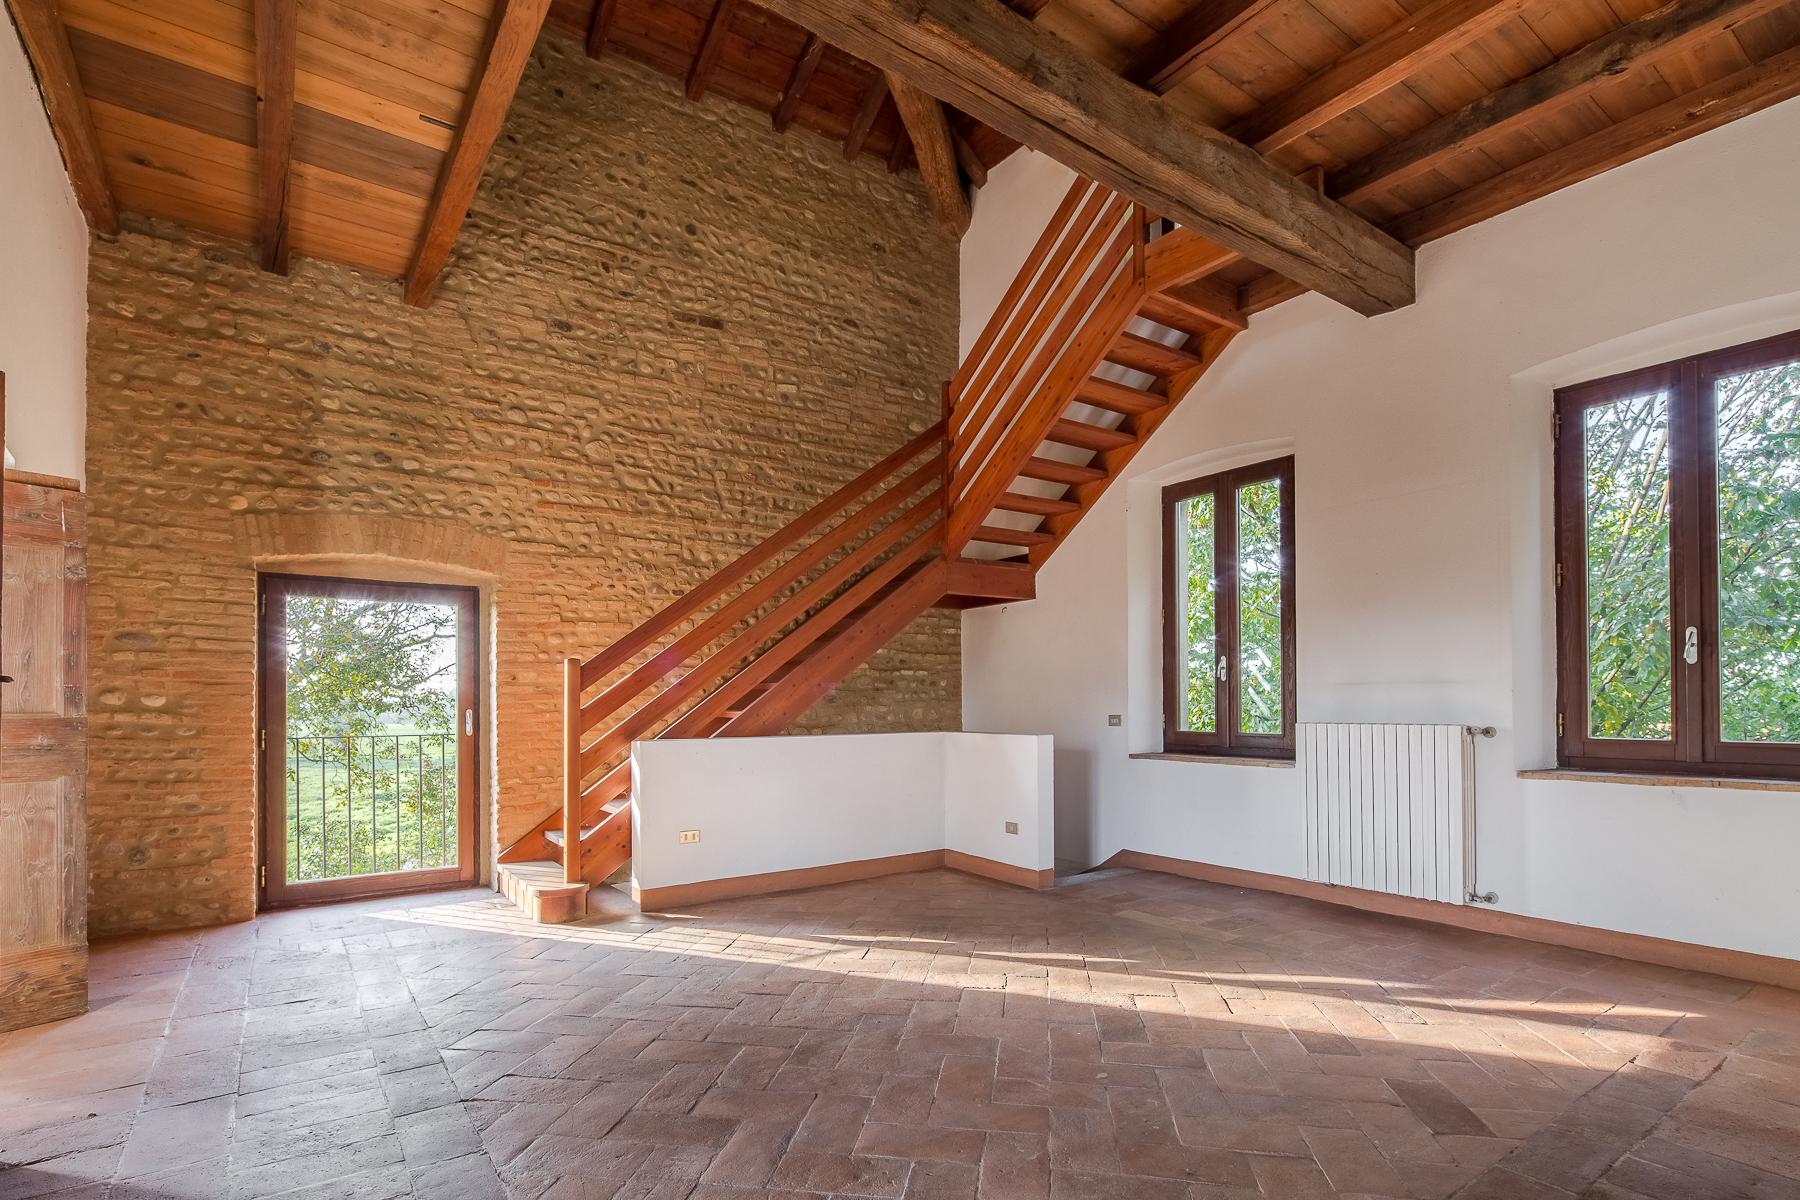 Casa indipendente in Affitto a Arzago D'Adda: 5 locali, 150 mq